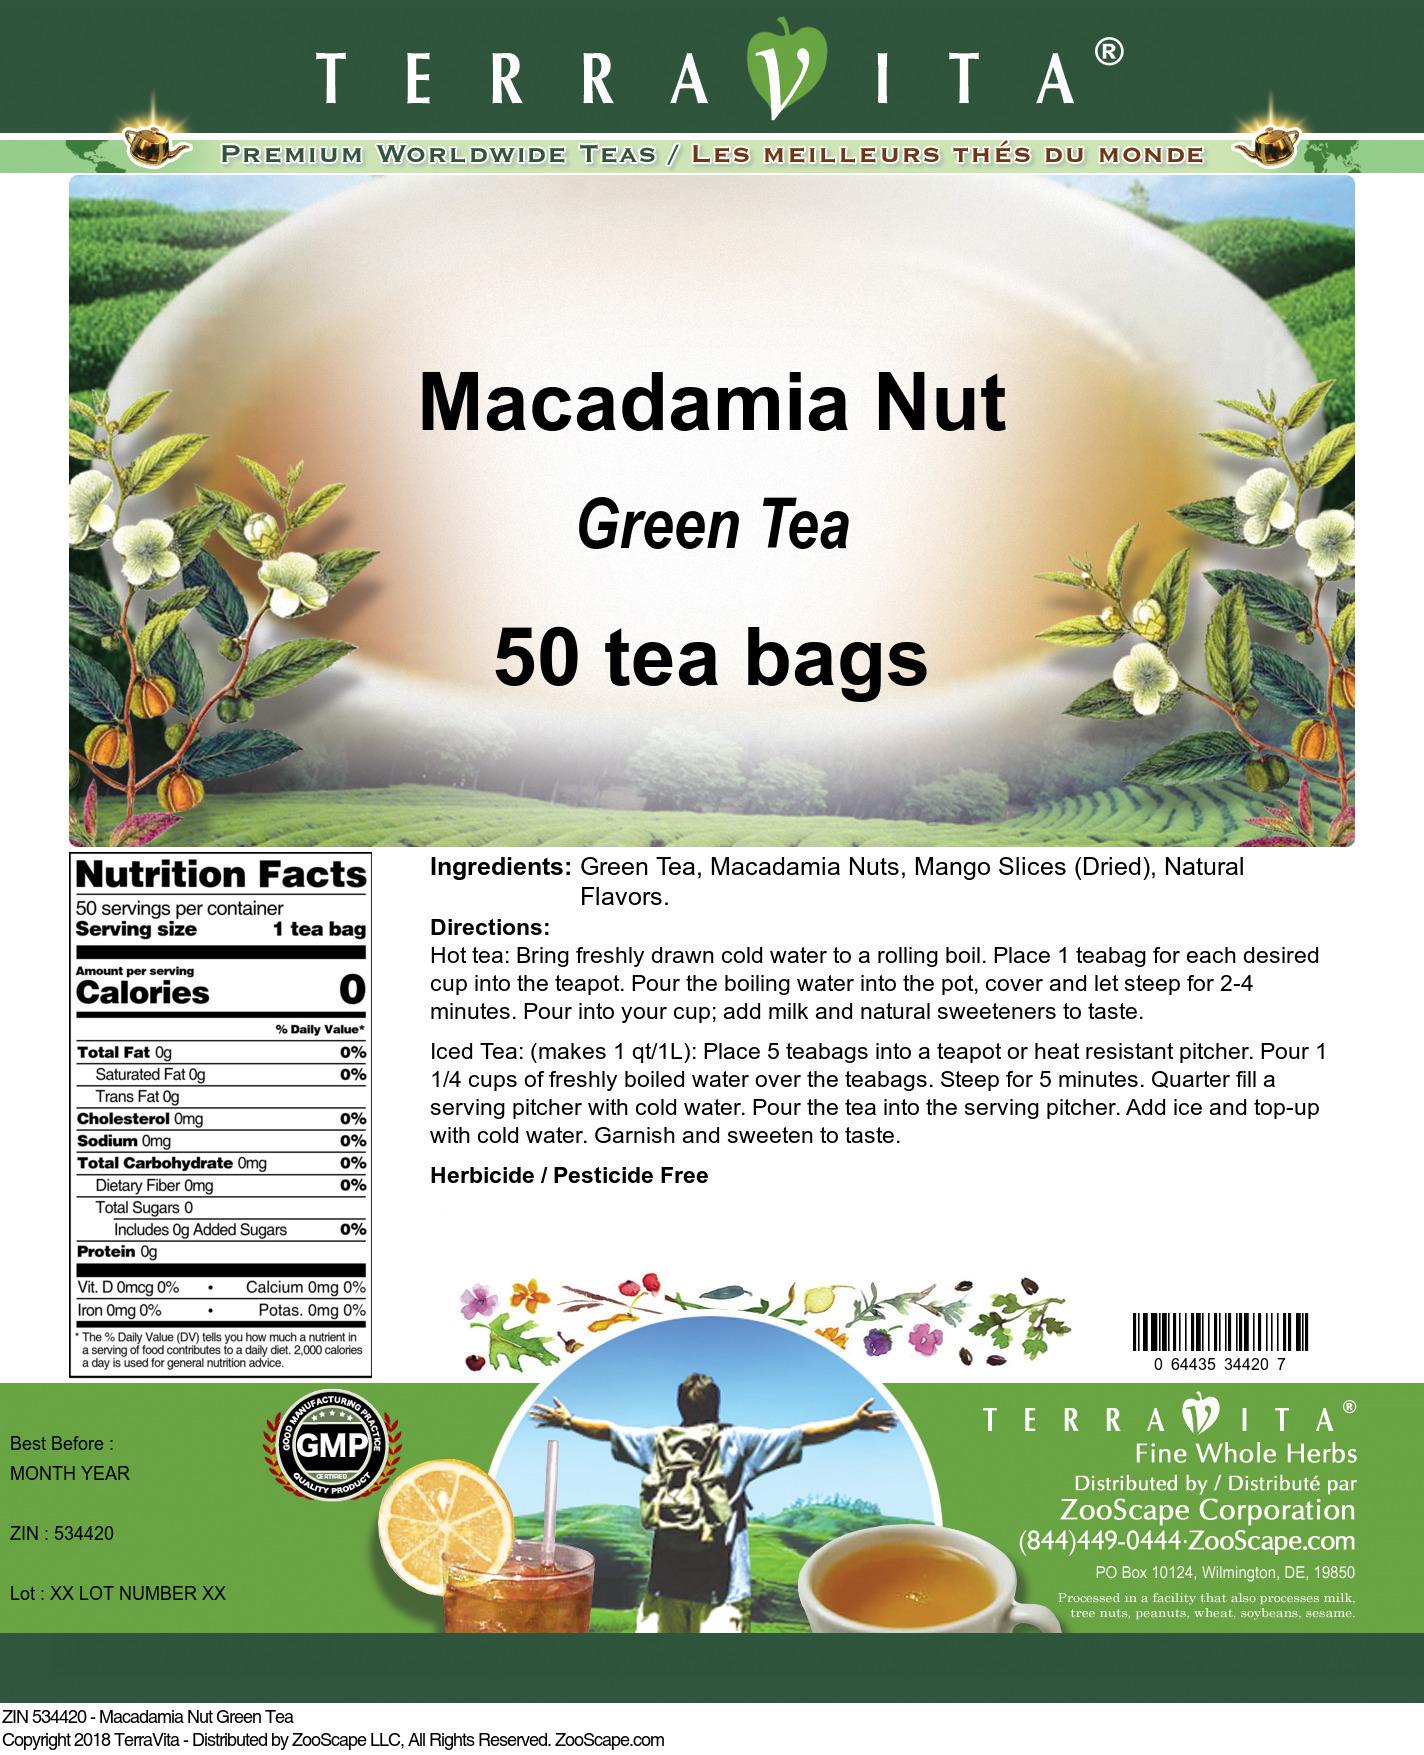 Macadamia Nut Green Tea